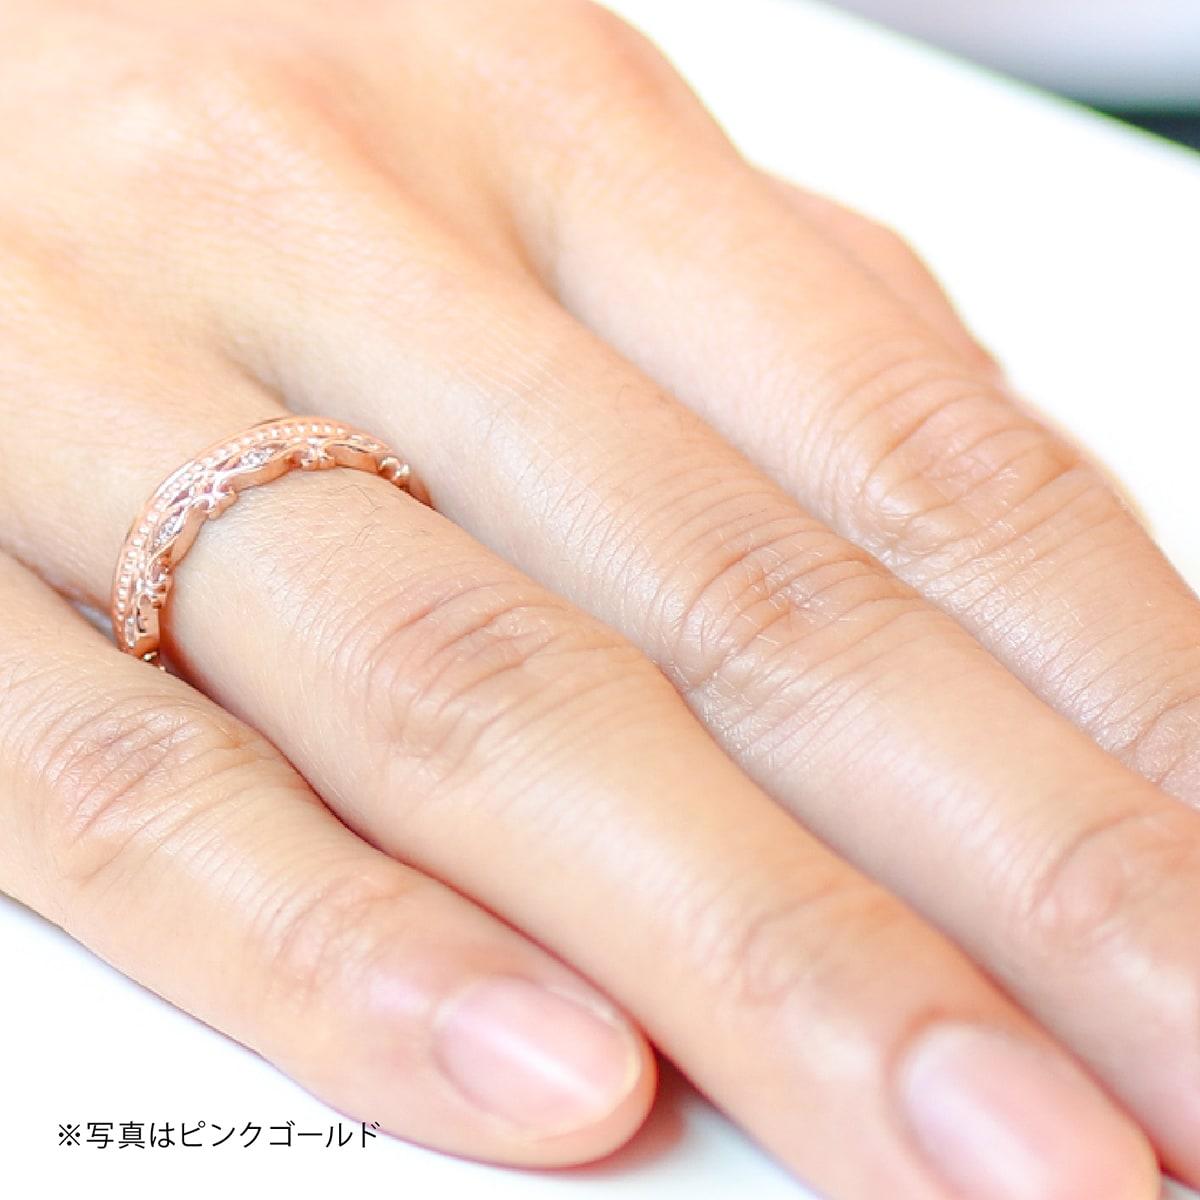 ダイヤモンド リング k18 イエローゴールド ホワイトゴールド ピンクゴールド ファッションリング 品質保証書 金属アレルギー 日本製 誕生日 ギフトBoxedrC